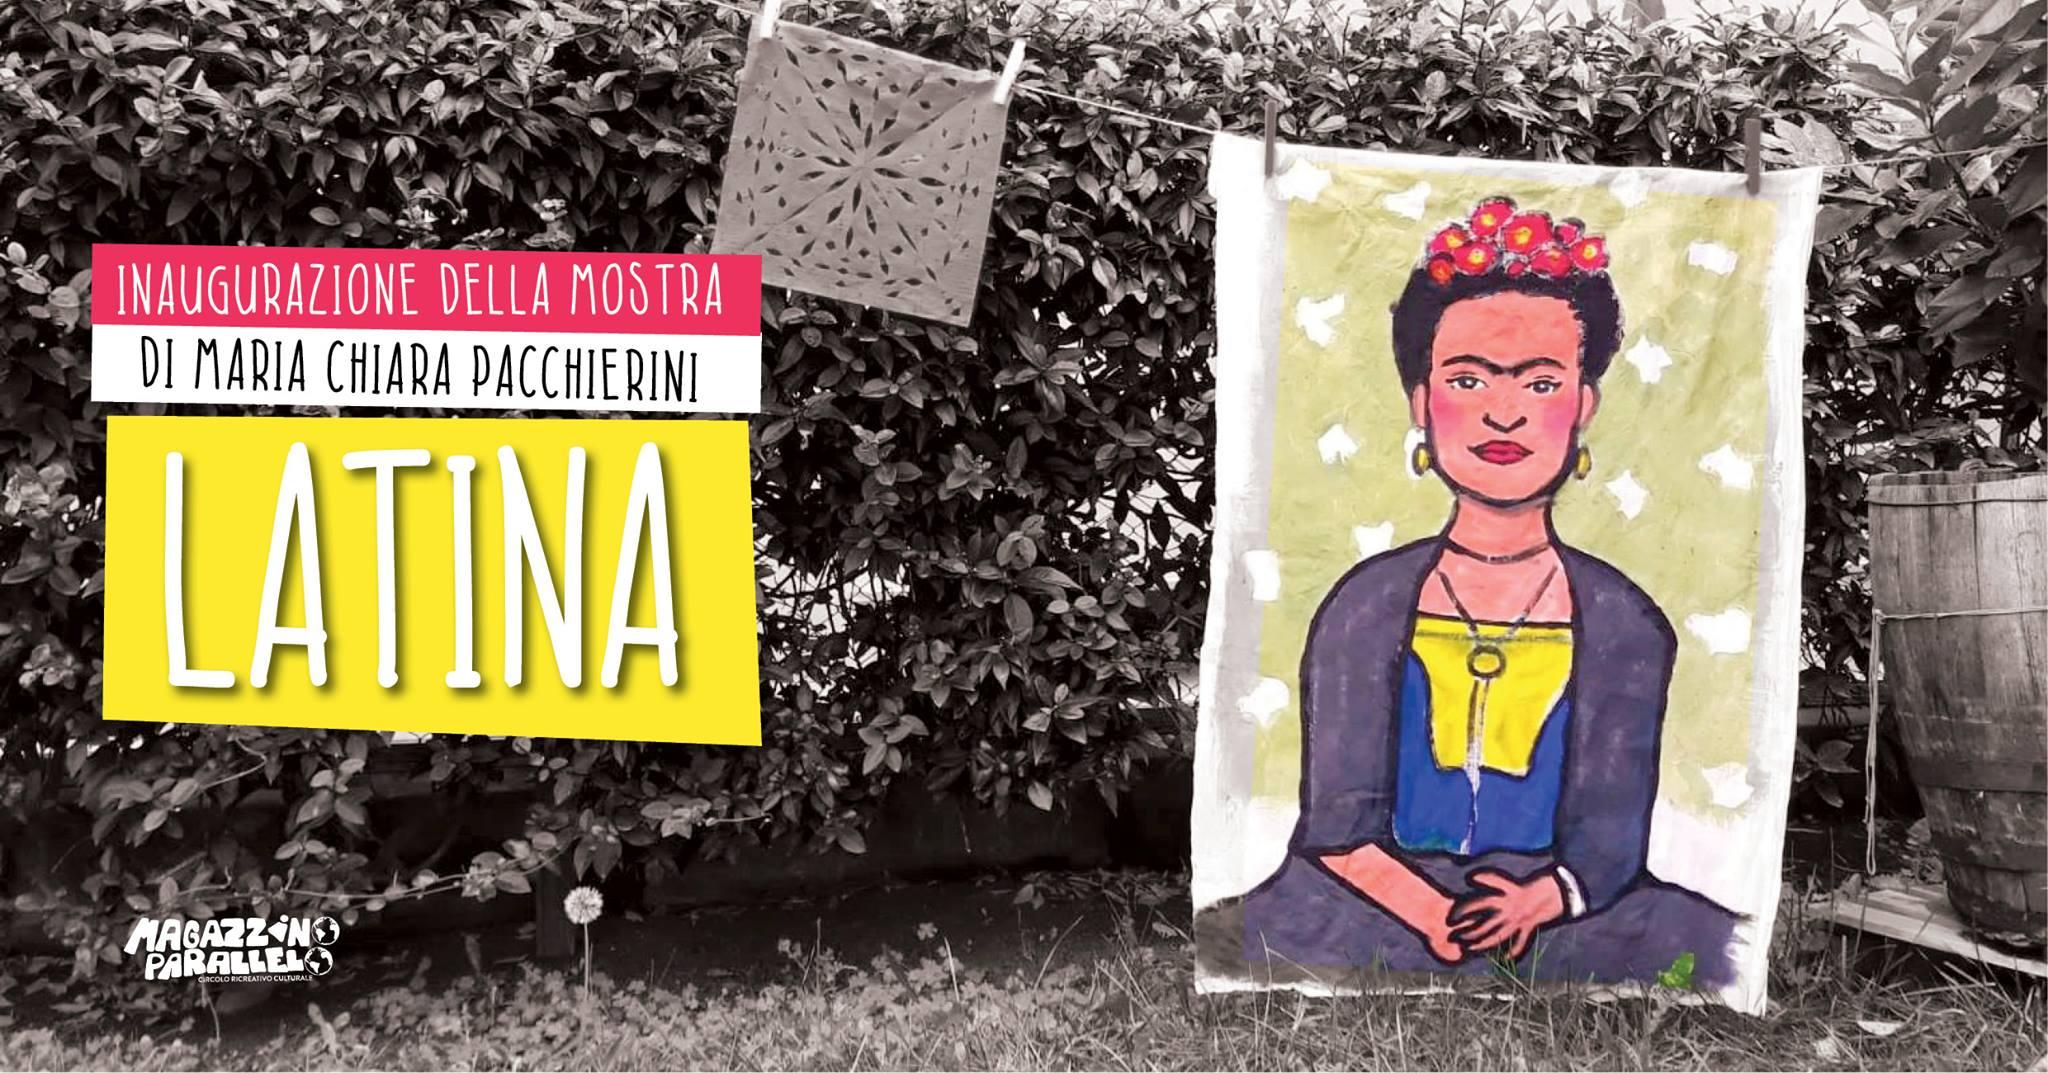 Latina / inaugurazione della mostra / at Magazzino Parallelo